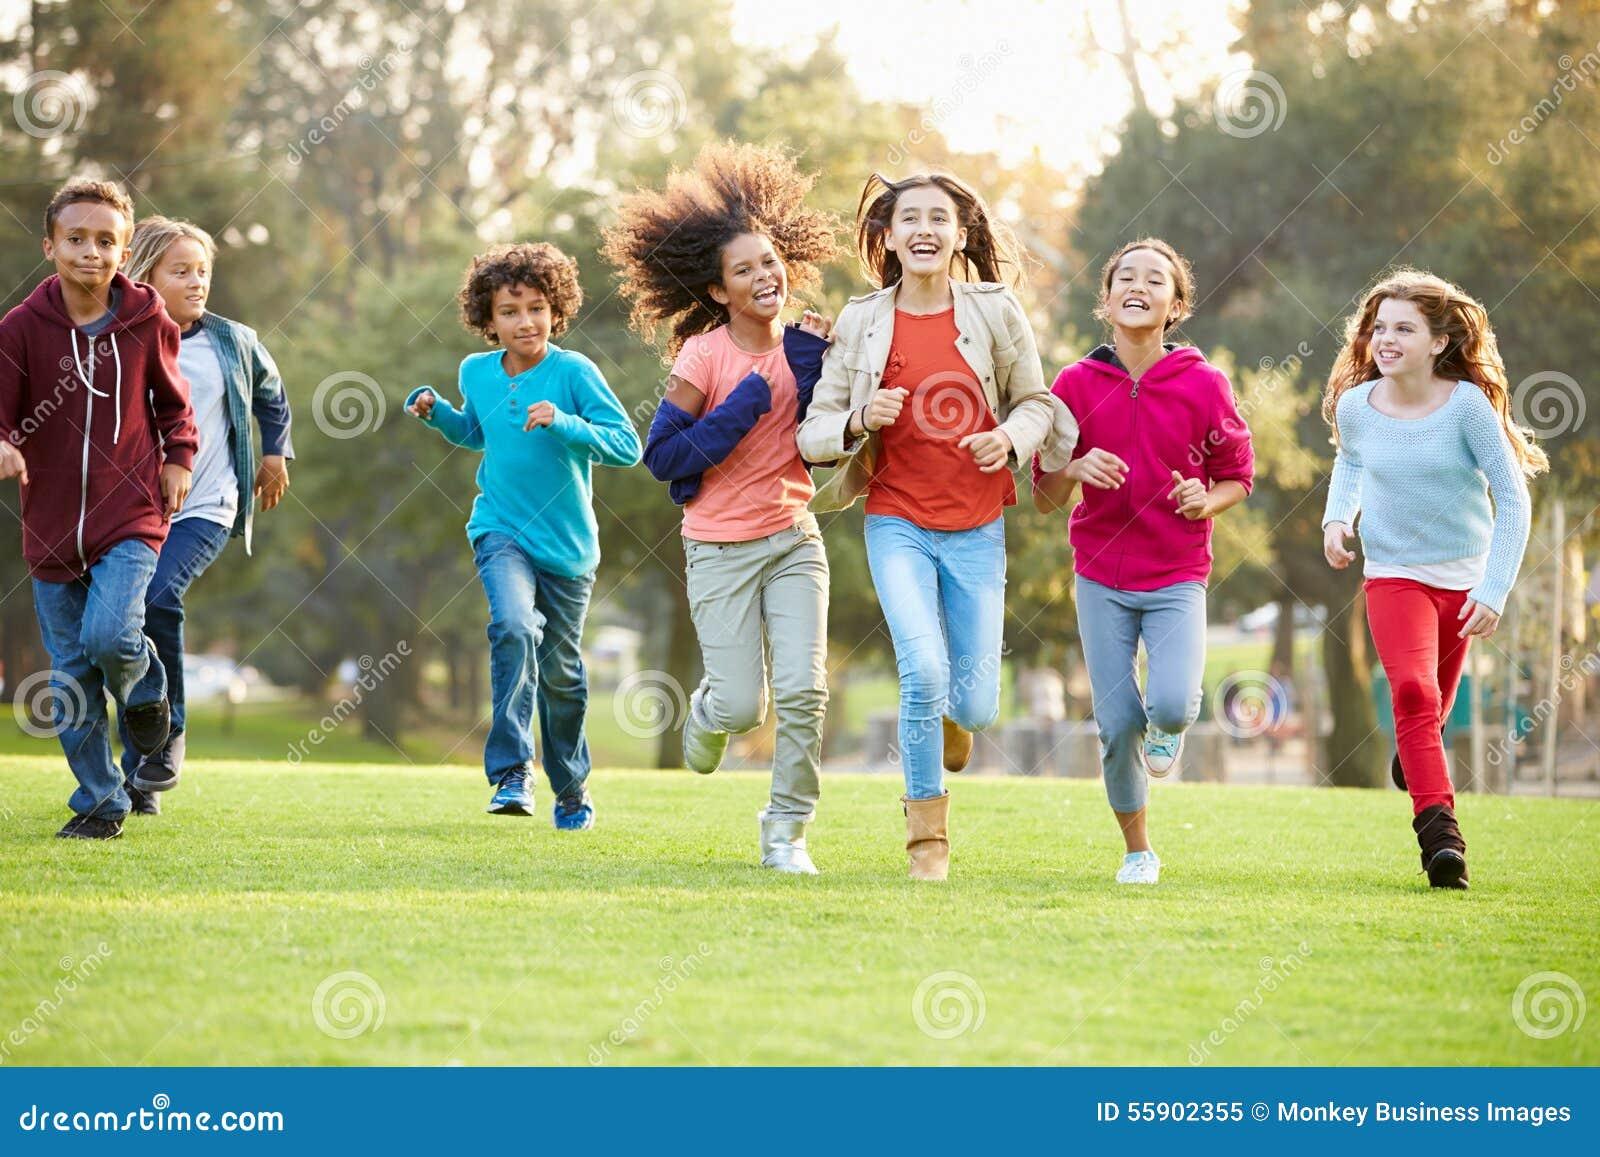 跑往照相机的小组幼儿在公园